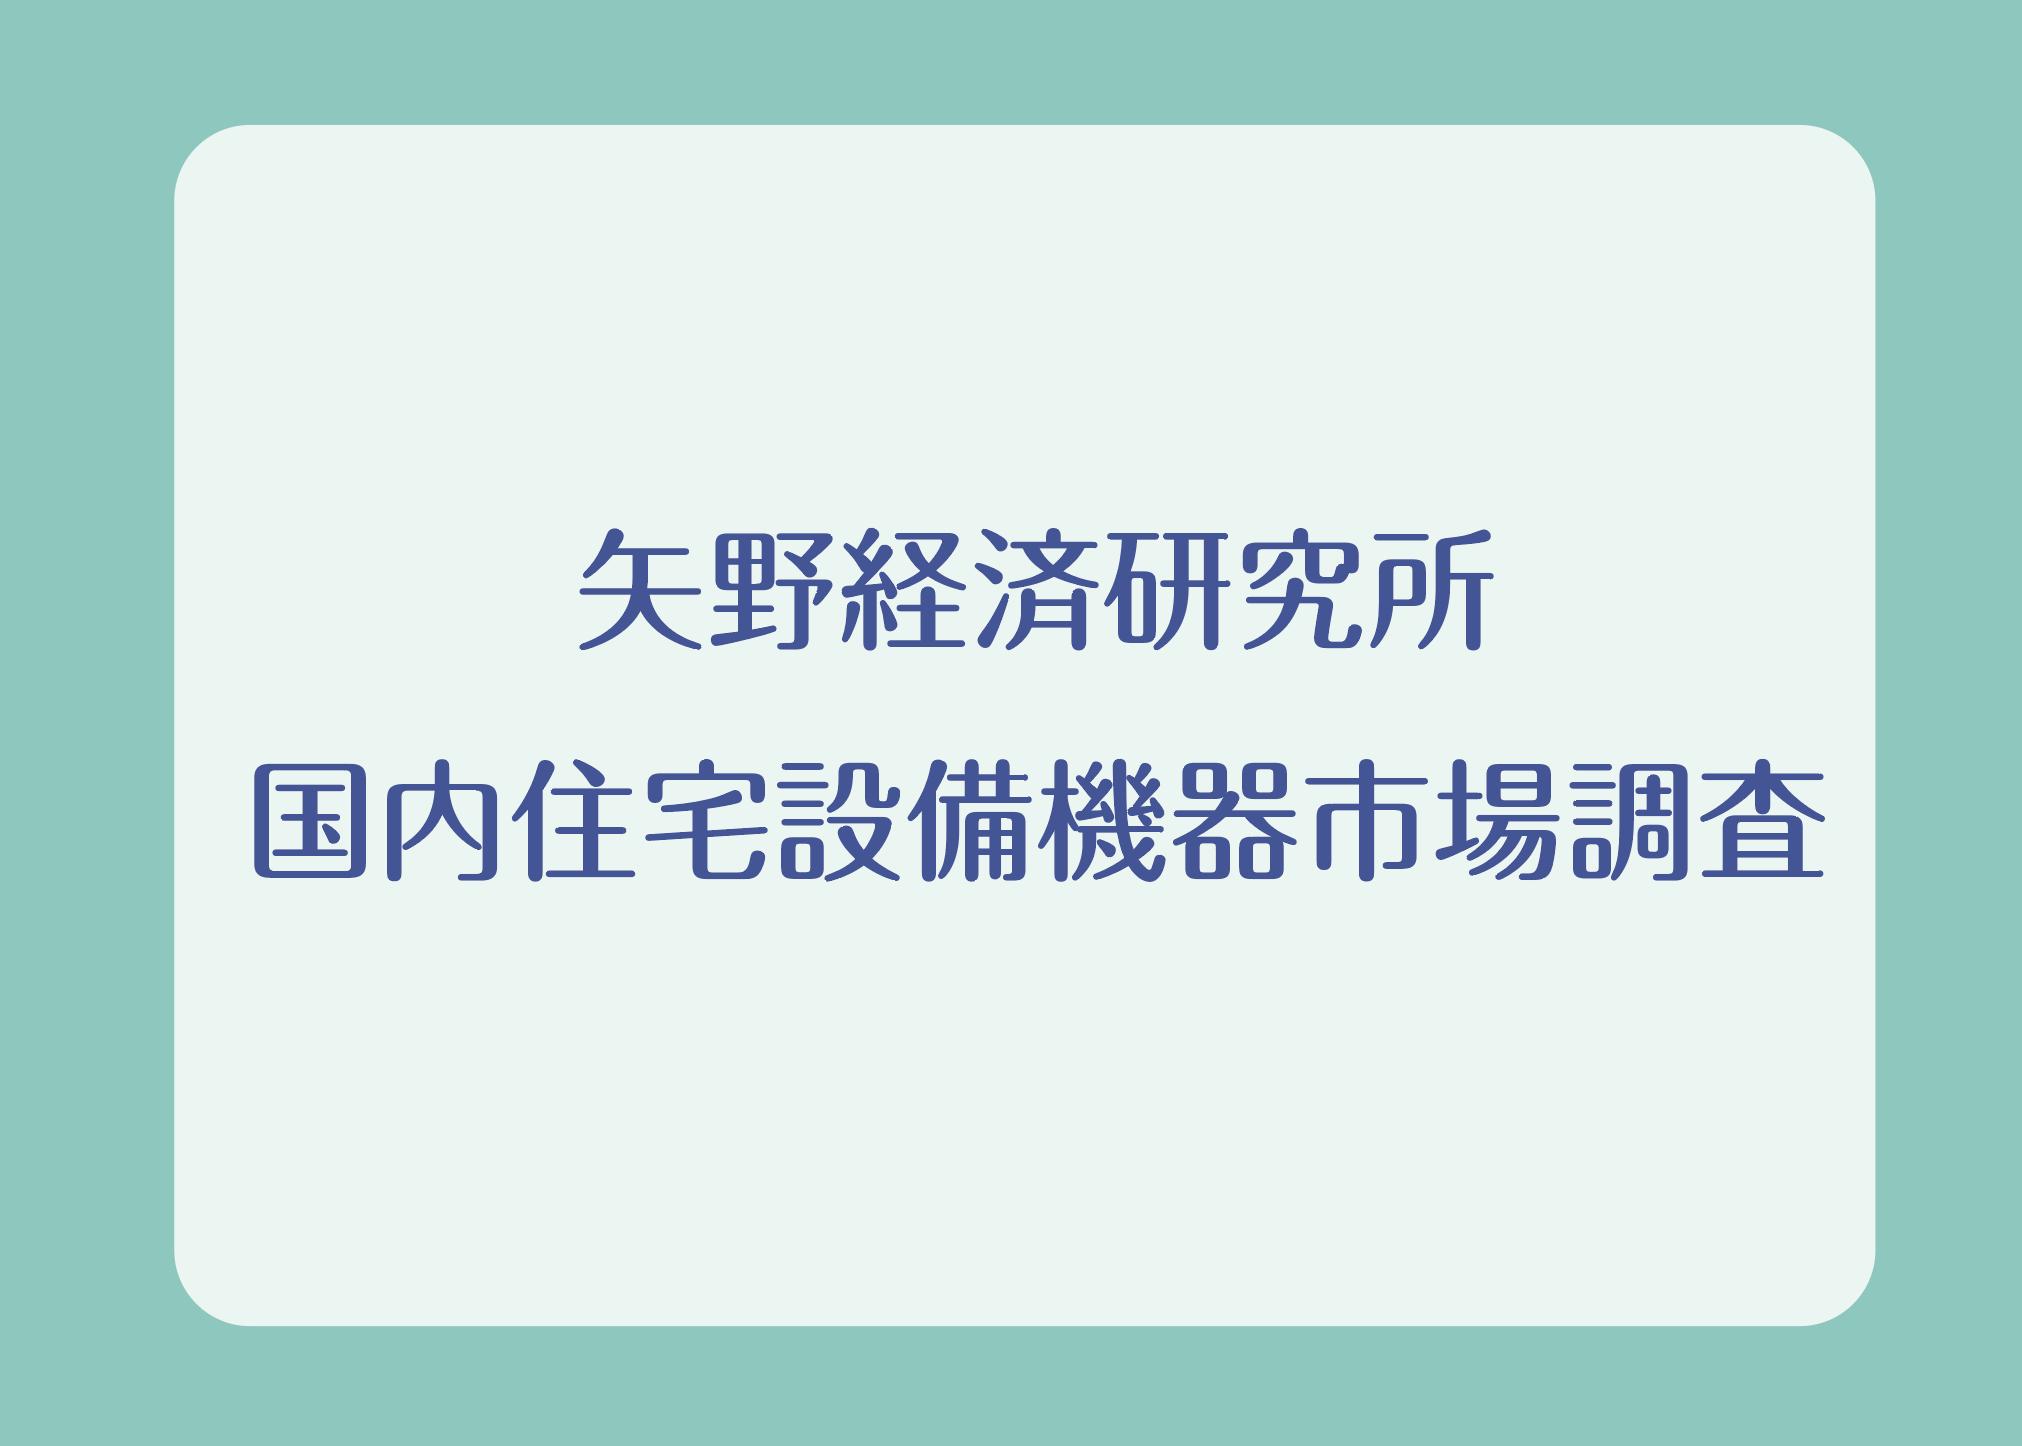 矢野経済研究所 国内住宅設備機器市場調査の画像